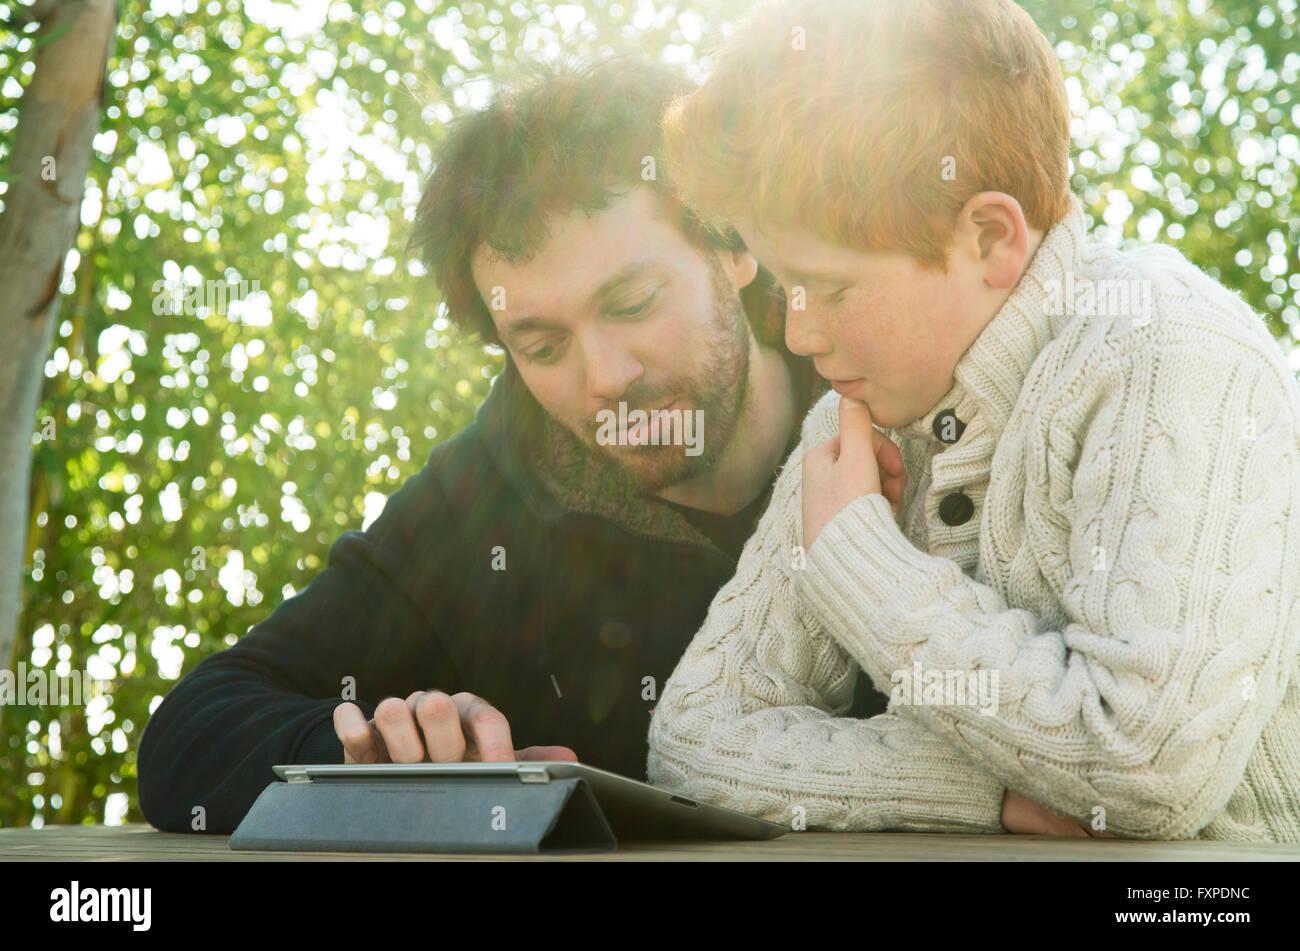 Père et fils looking at digital tablet together Photo Stock